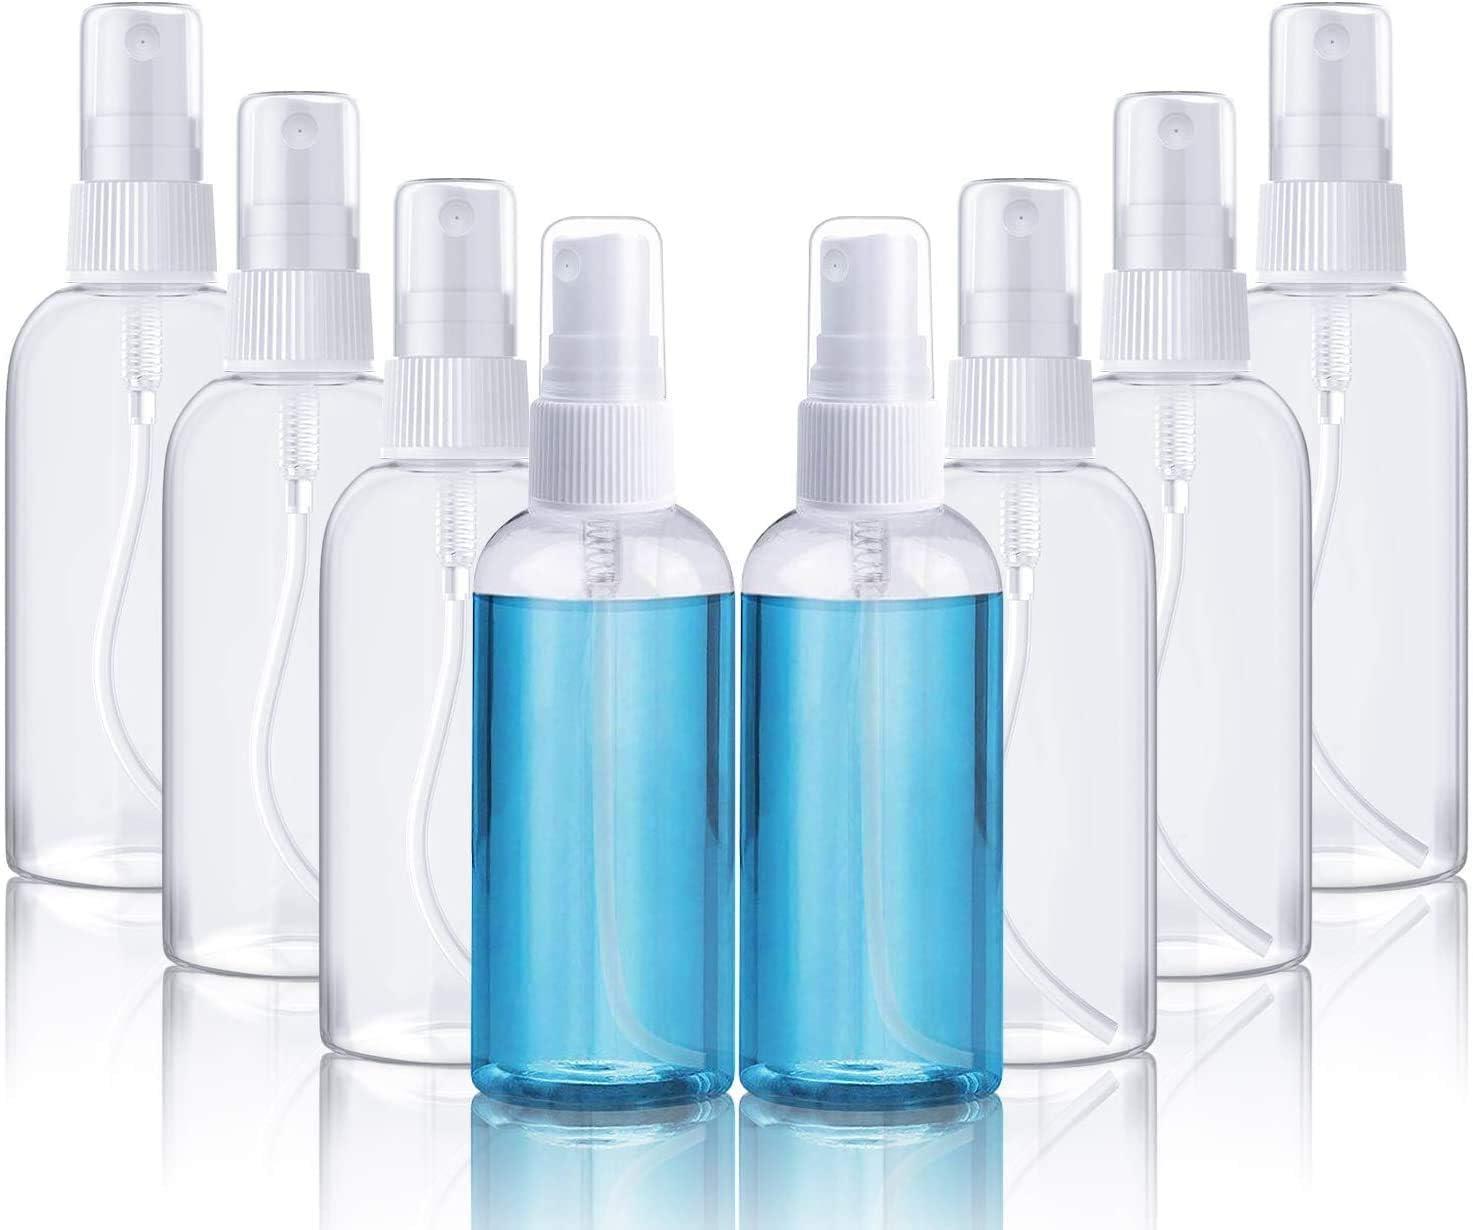 Botella De Spray, Botella De Spray De Plástico Transparente Vacía, Set De Líquido De Viaje De Vacaciones, Viaje De Negocios, Maquillaje, Limpieza, Desinfección, 8pcs (100 Ml)